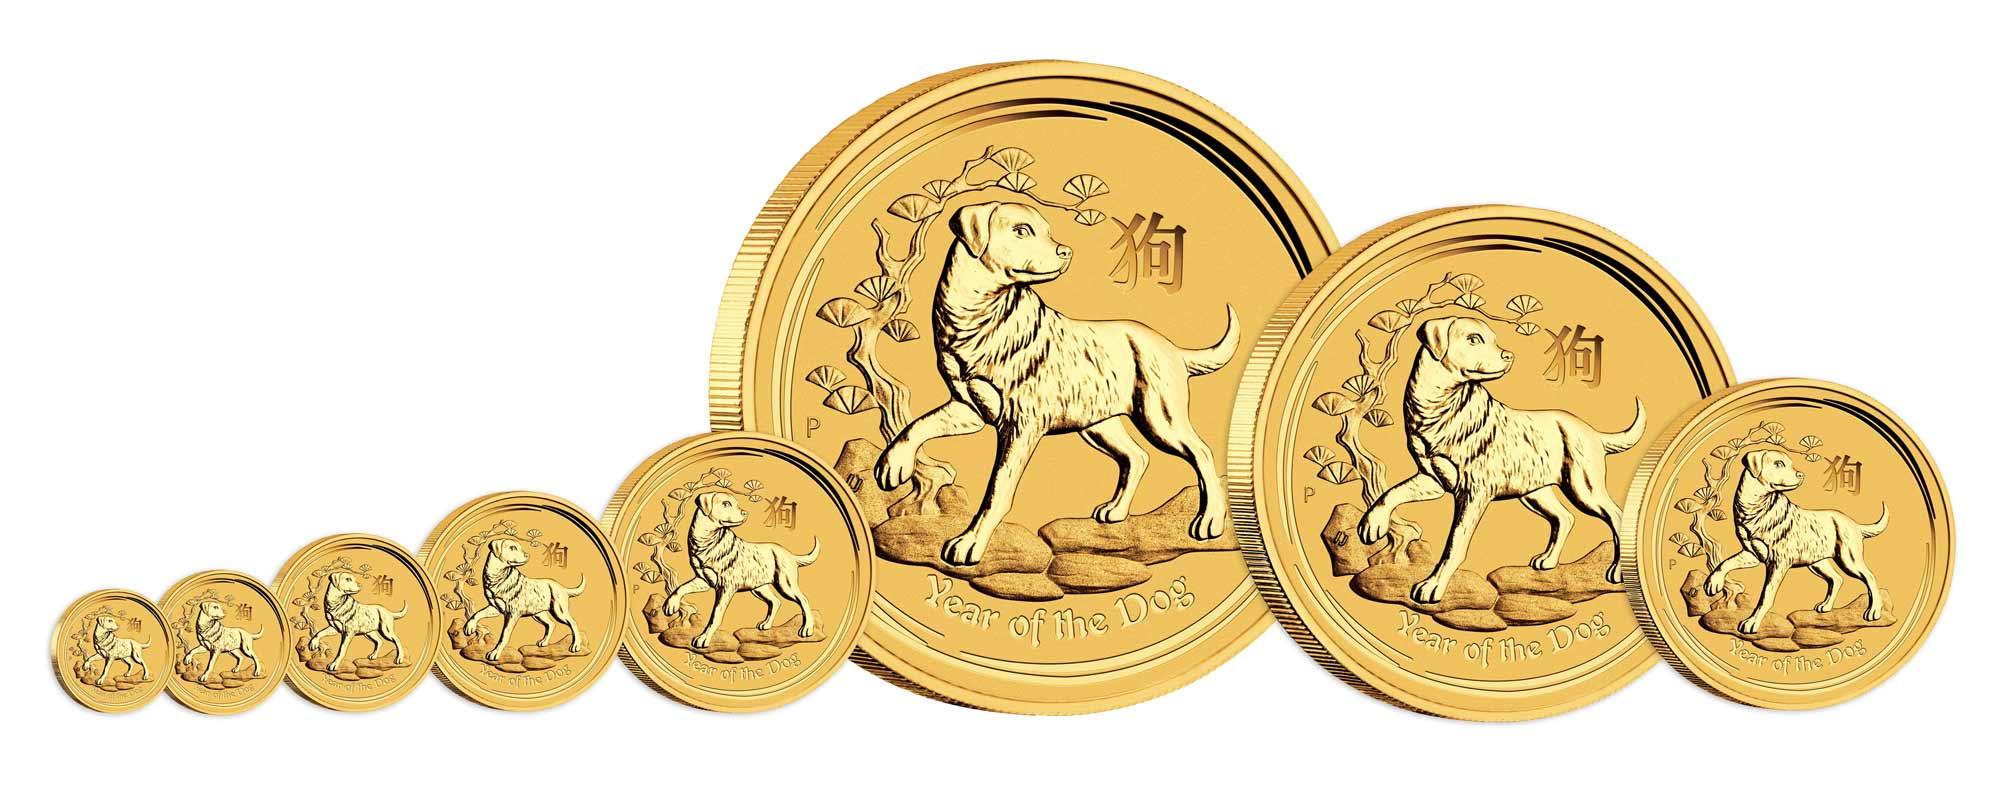 Pièces d'argent de l'année du Chien en différentes tailles : du 20eme d'once à la pièce d'un kilo d'or...